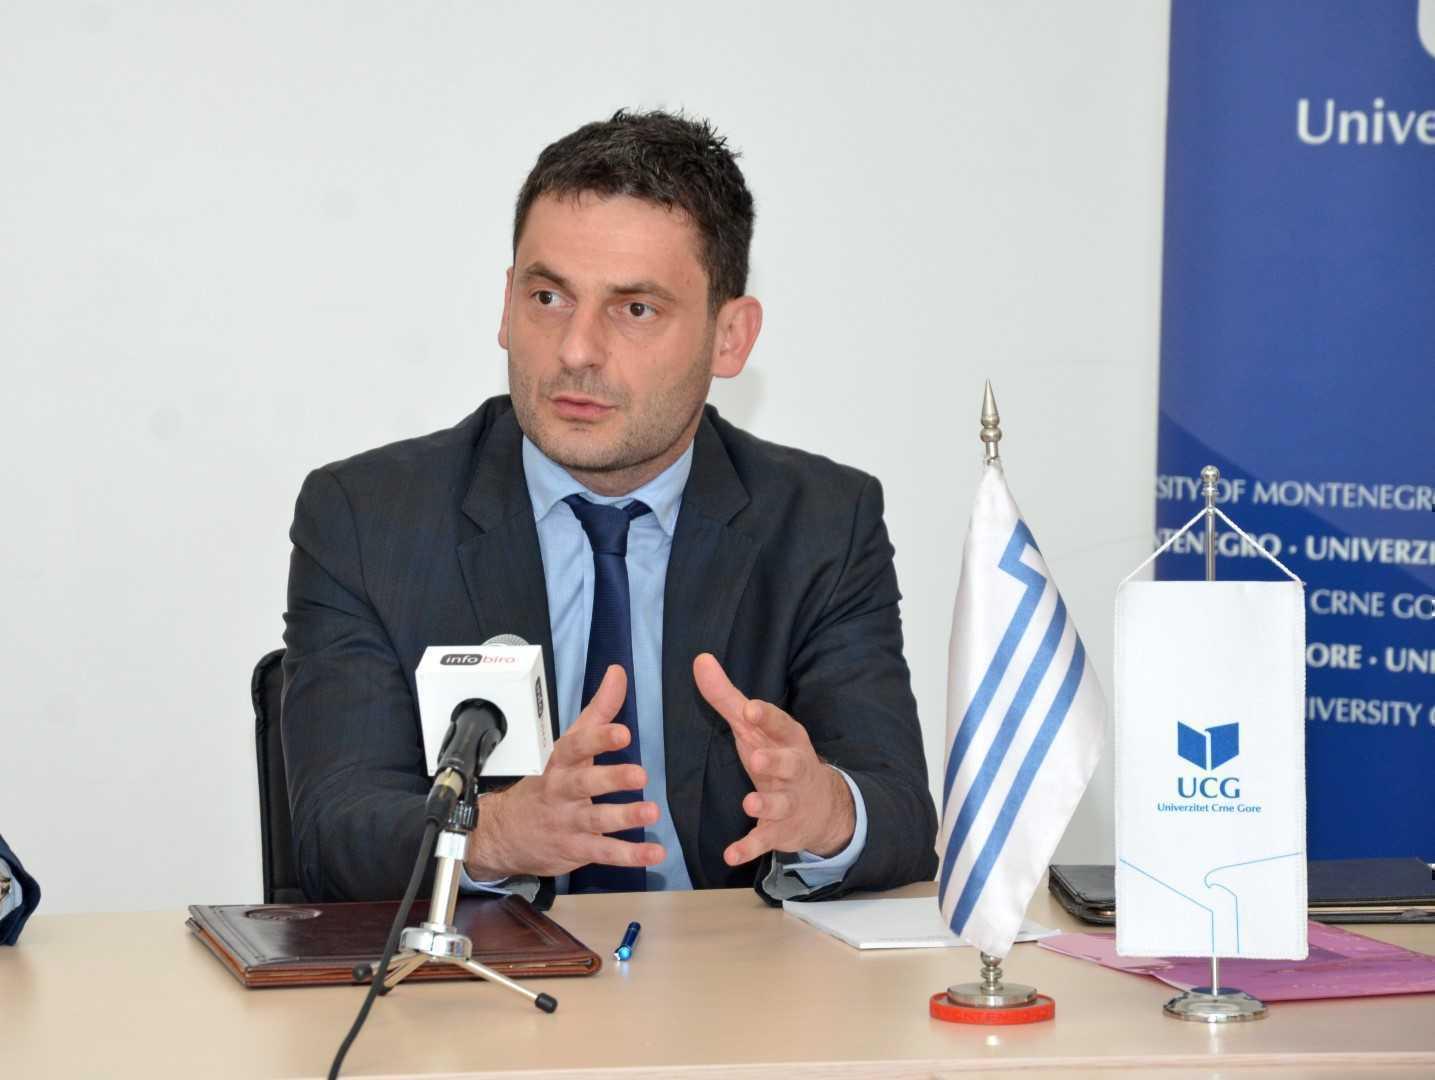 Uglješa Janković